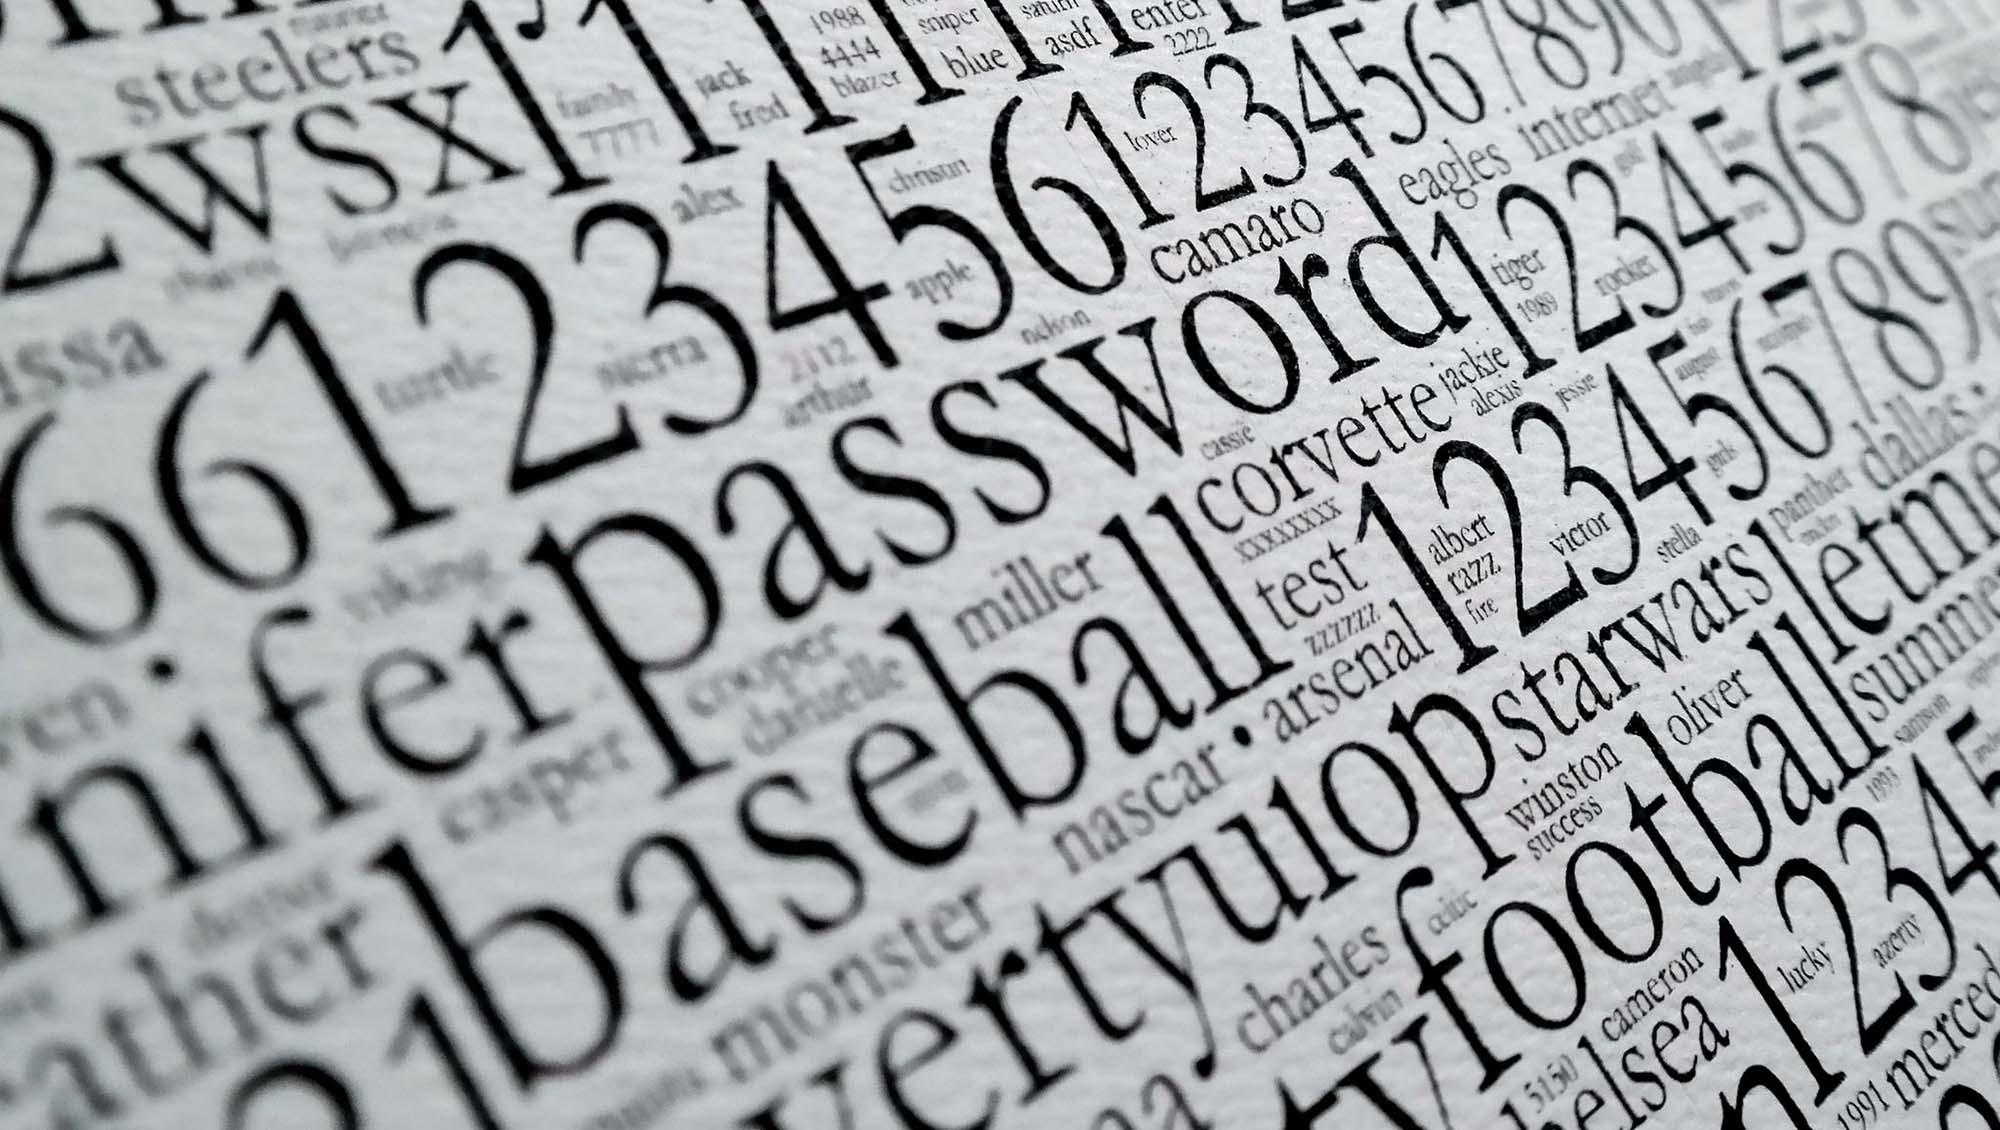 Confier ses mots de passe et cartes bancaires à son navigateur : quelles limites, quels risques ?